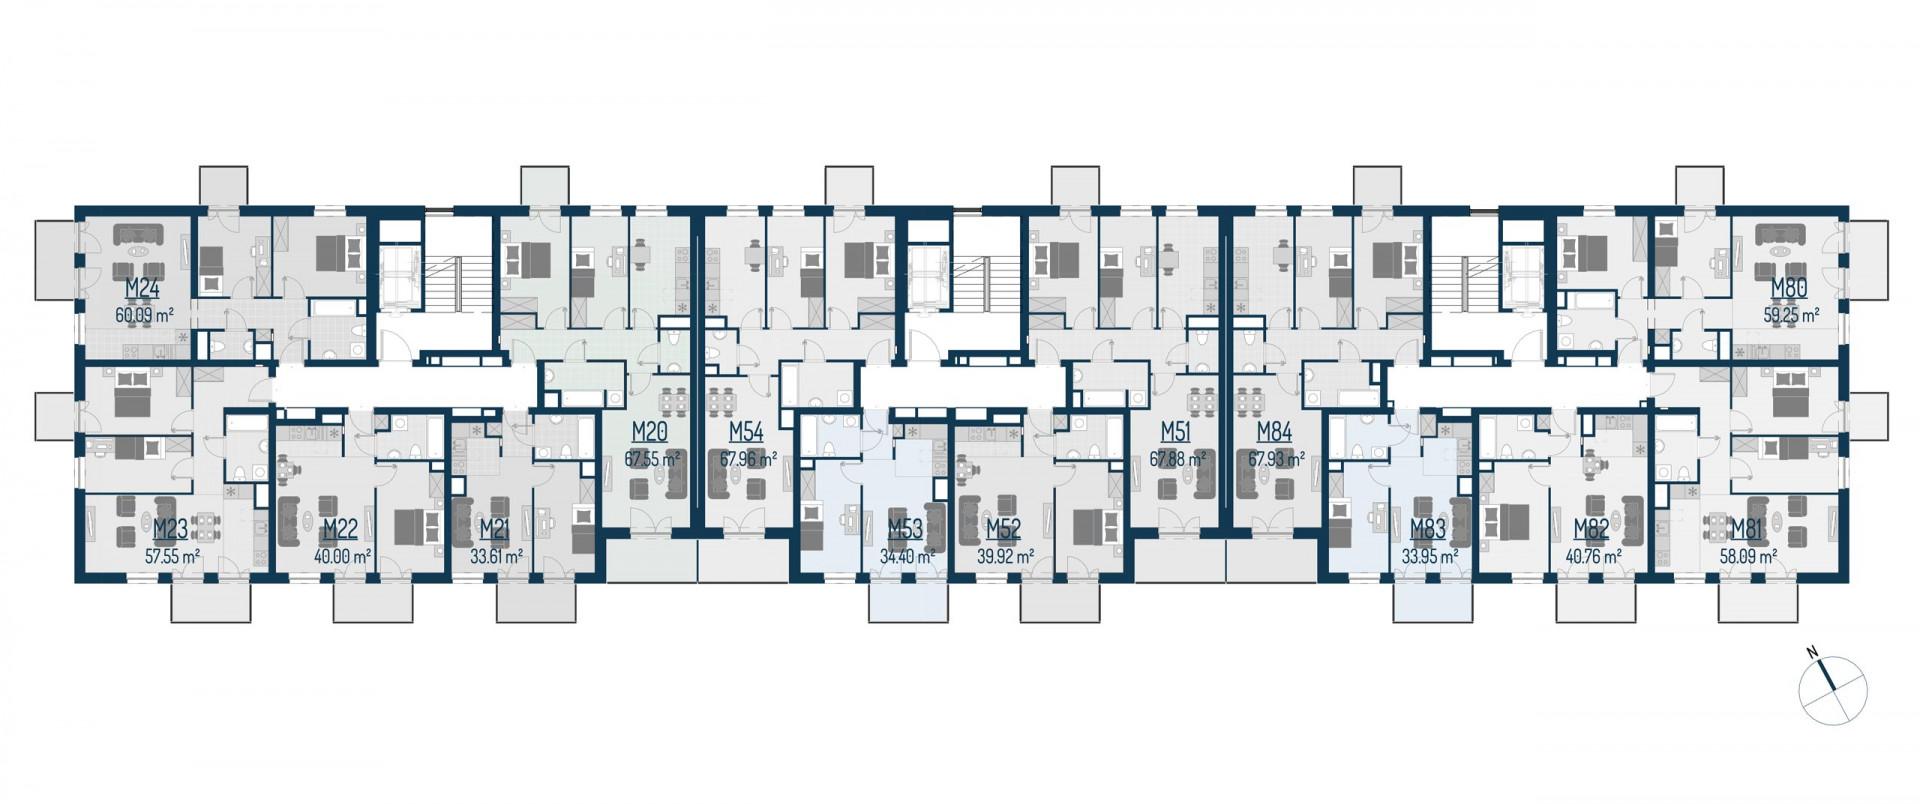 Zdrowe Stylove / budynek 1 / mieszkanie nr M81 rzut 2